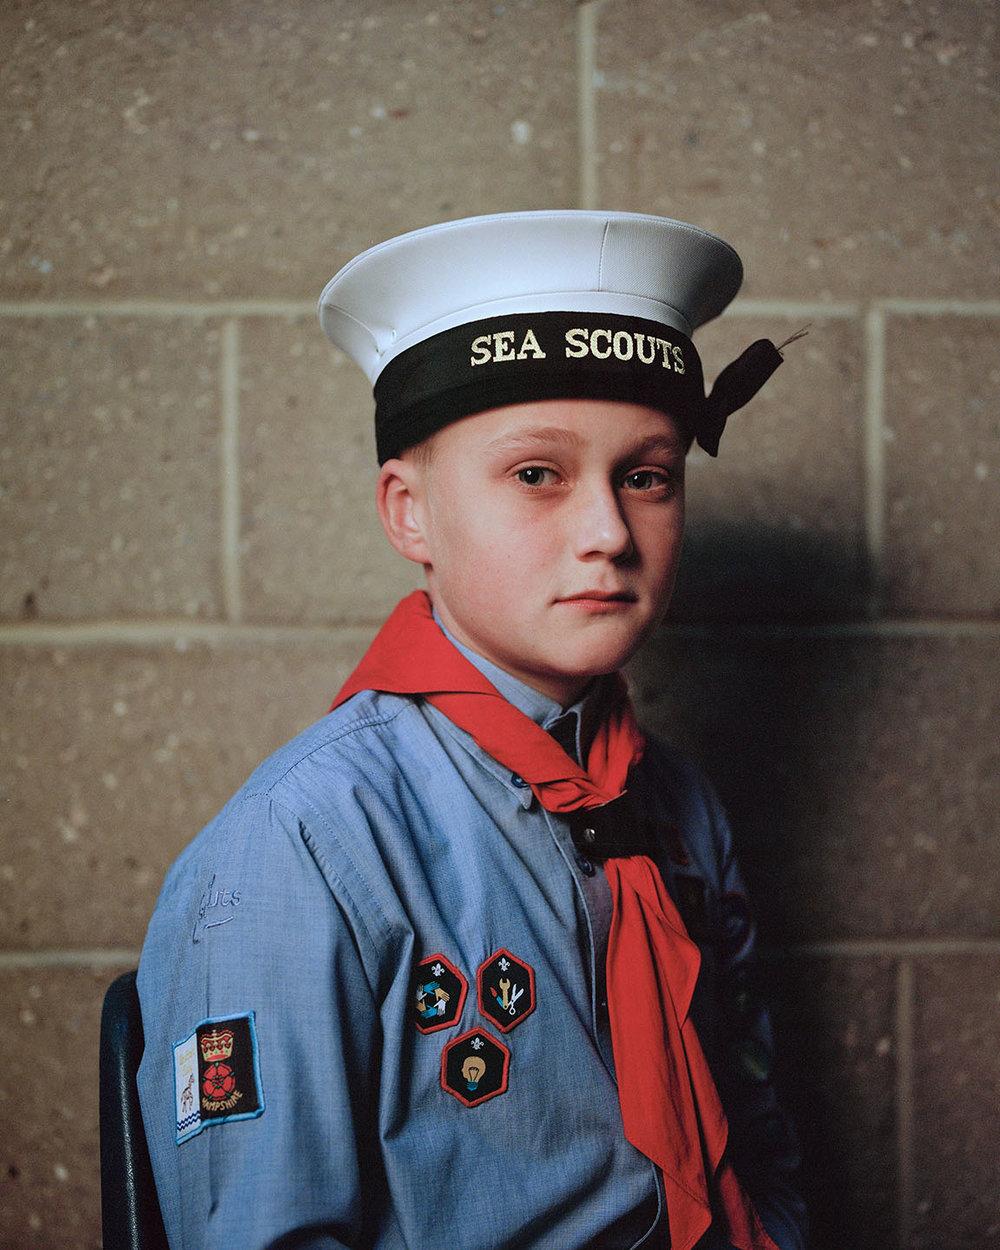 Untitled II. Sea Scout. England. Izzy de Wattripont .jpg